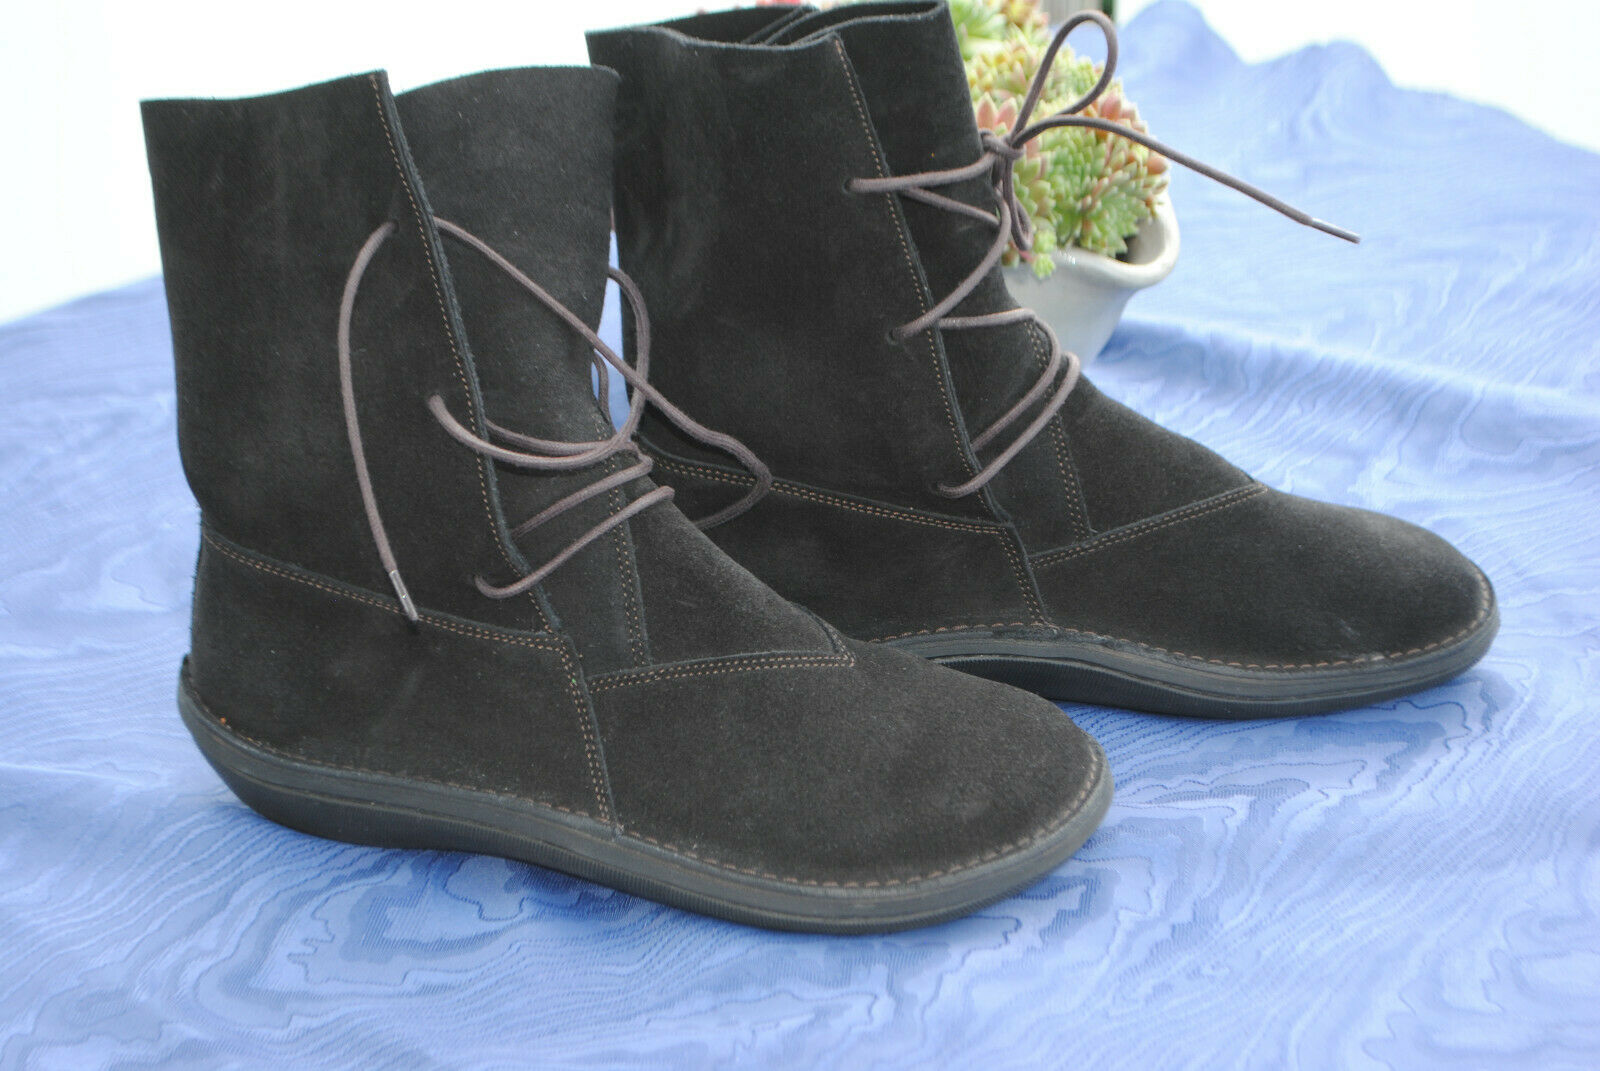 Loints-Stiefel in braunem Wildleder, Größe 38,  NEU, zum Lagenlook